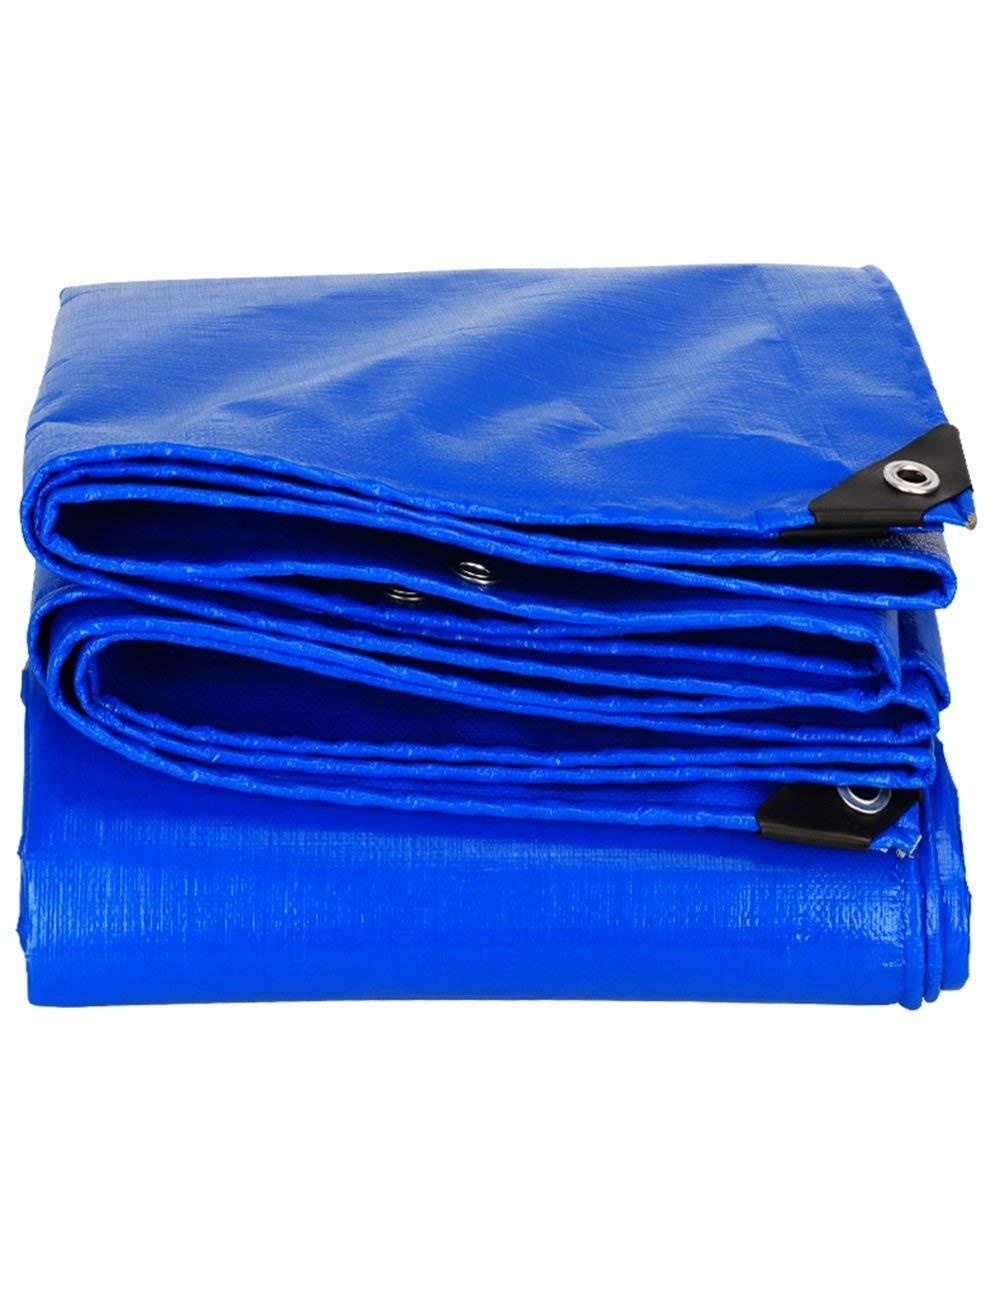 Blaue Plane-regendichte Wasserdichte Schatten-Plane-Zelt-kampierende Tarp-Überdachung im Freien